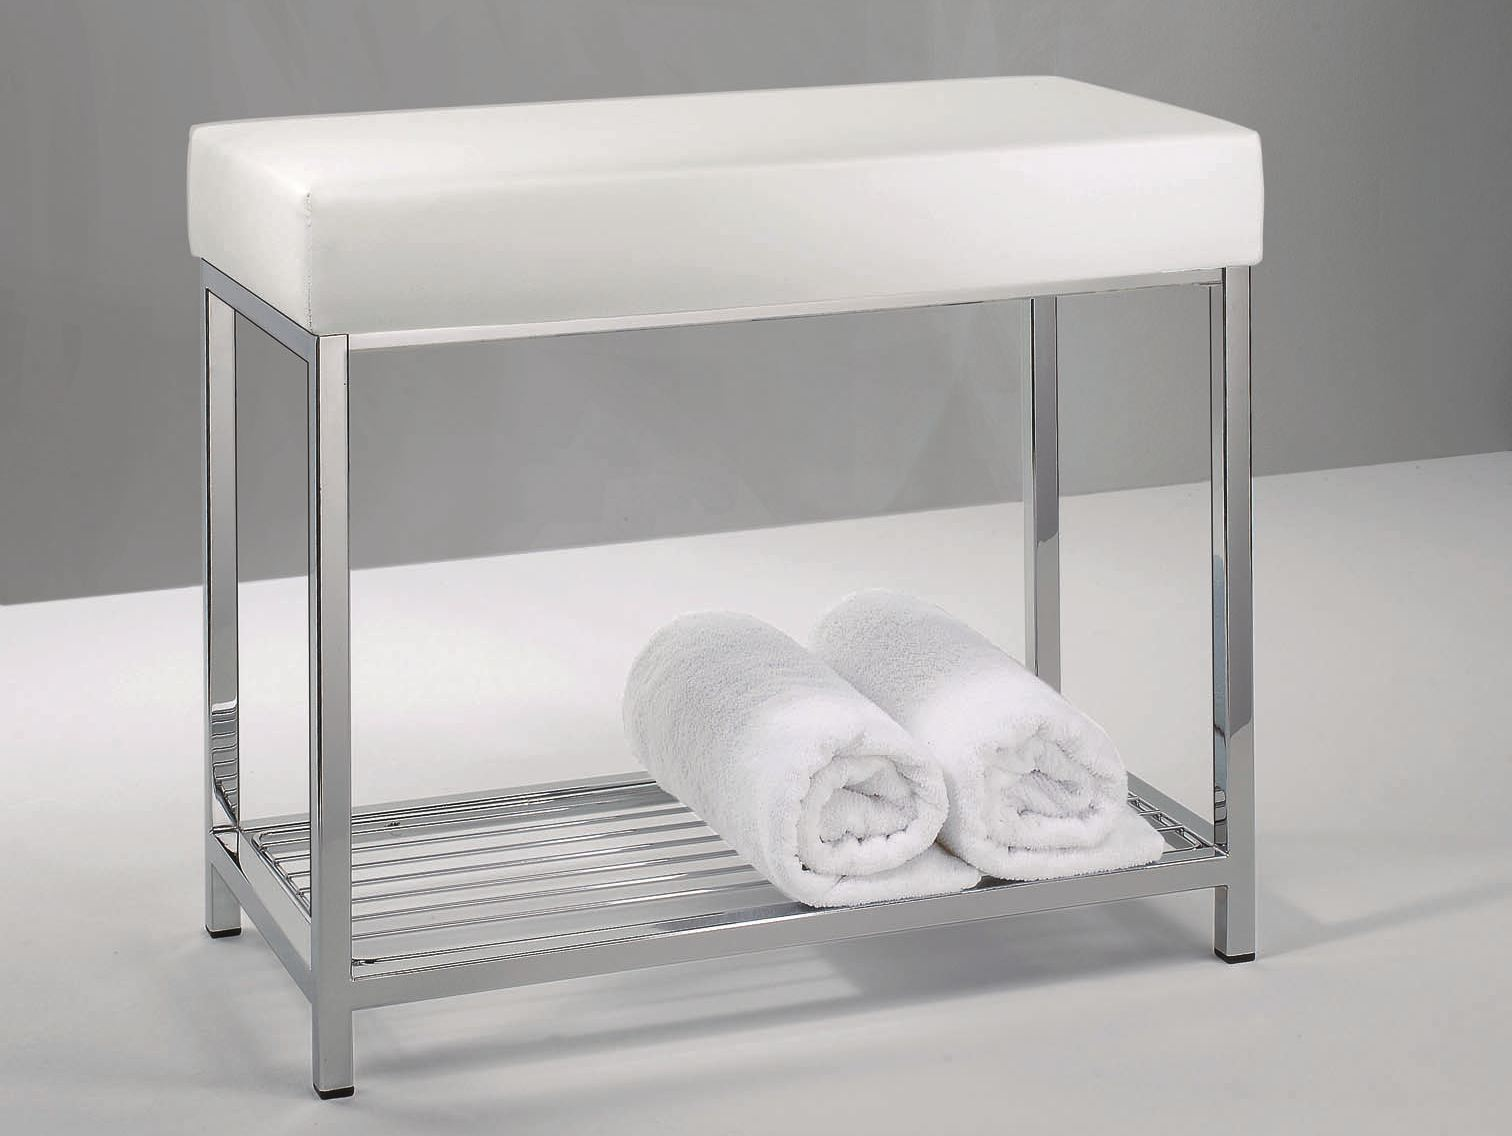 Sgabello per bagno dw 77 by decor walther - Sgabelli in plastica per bagno ...